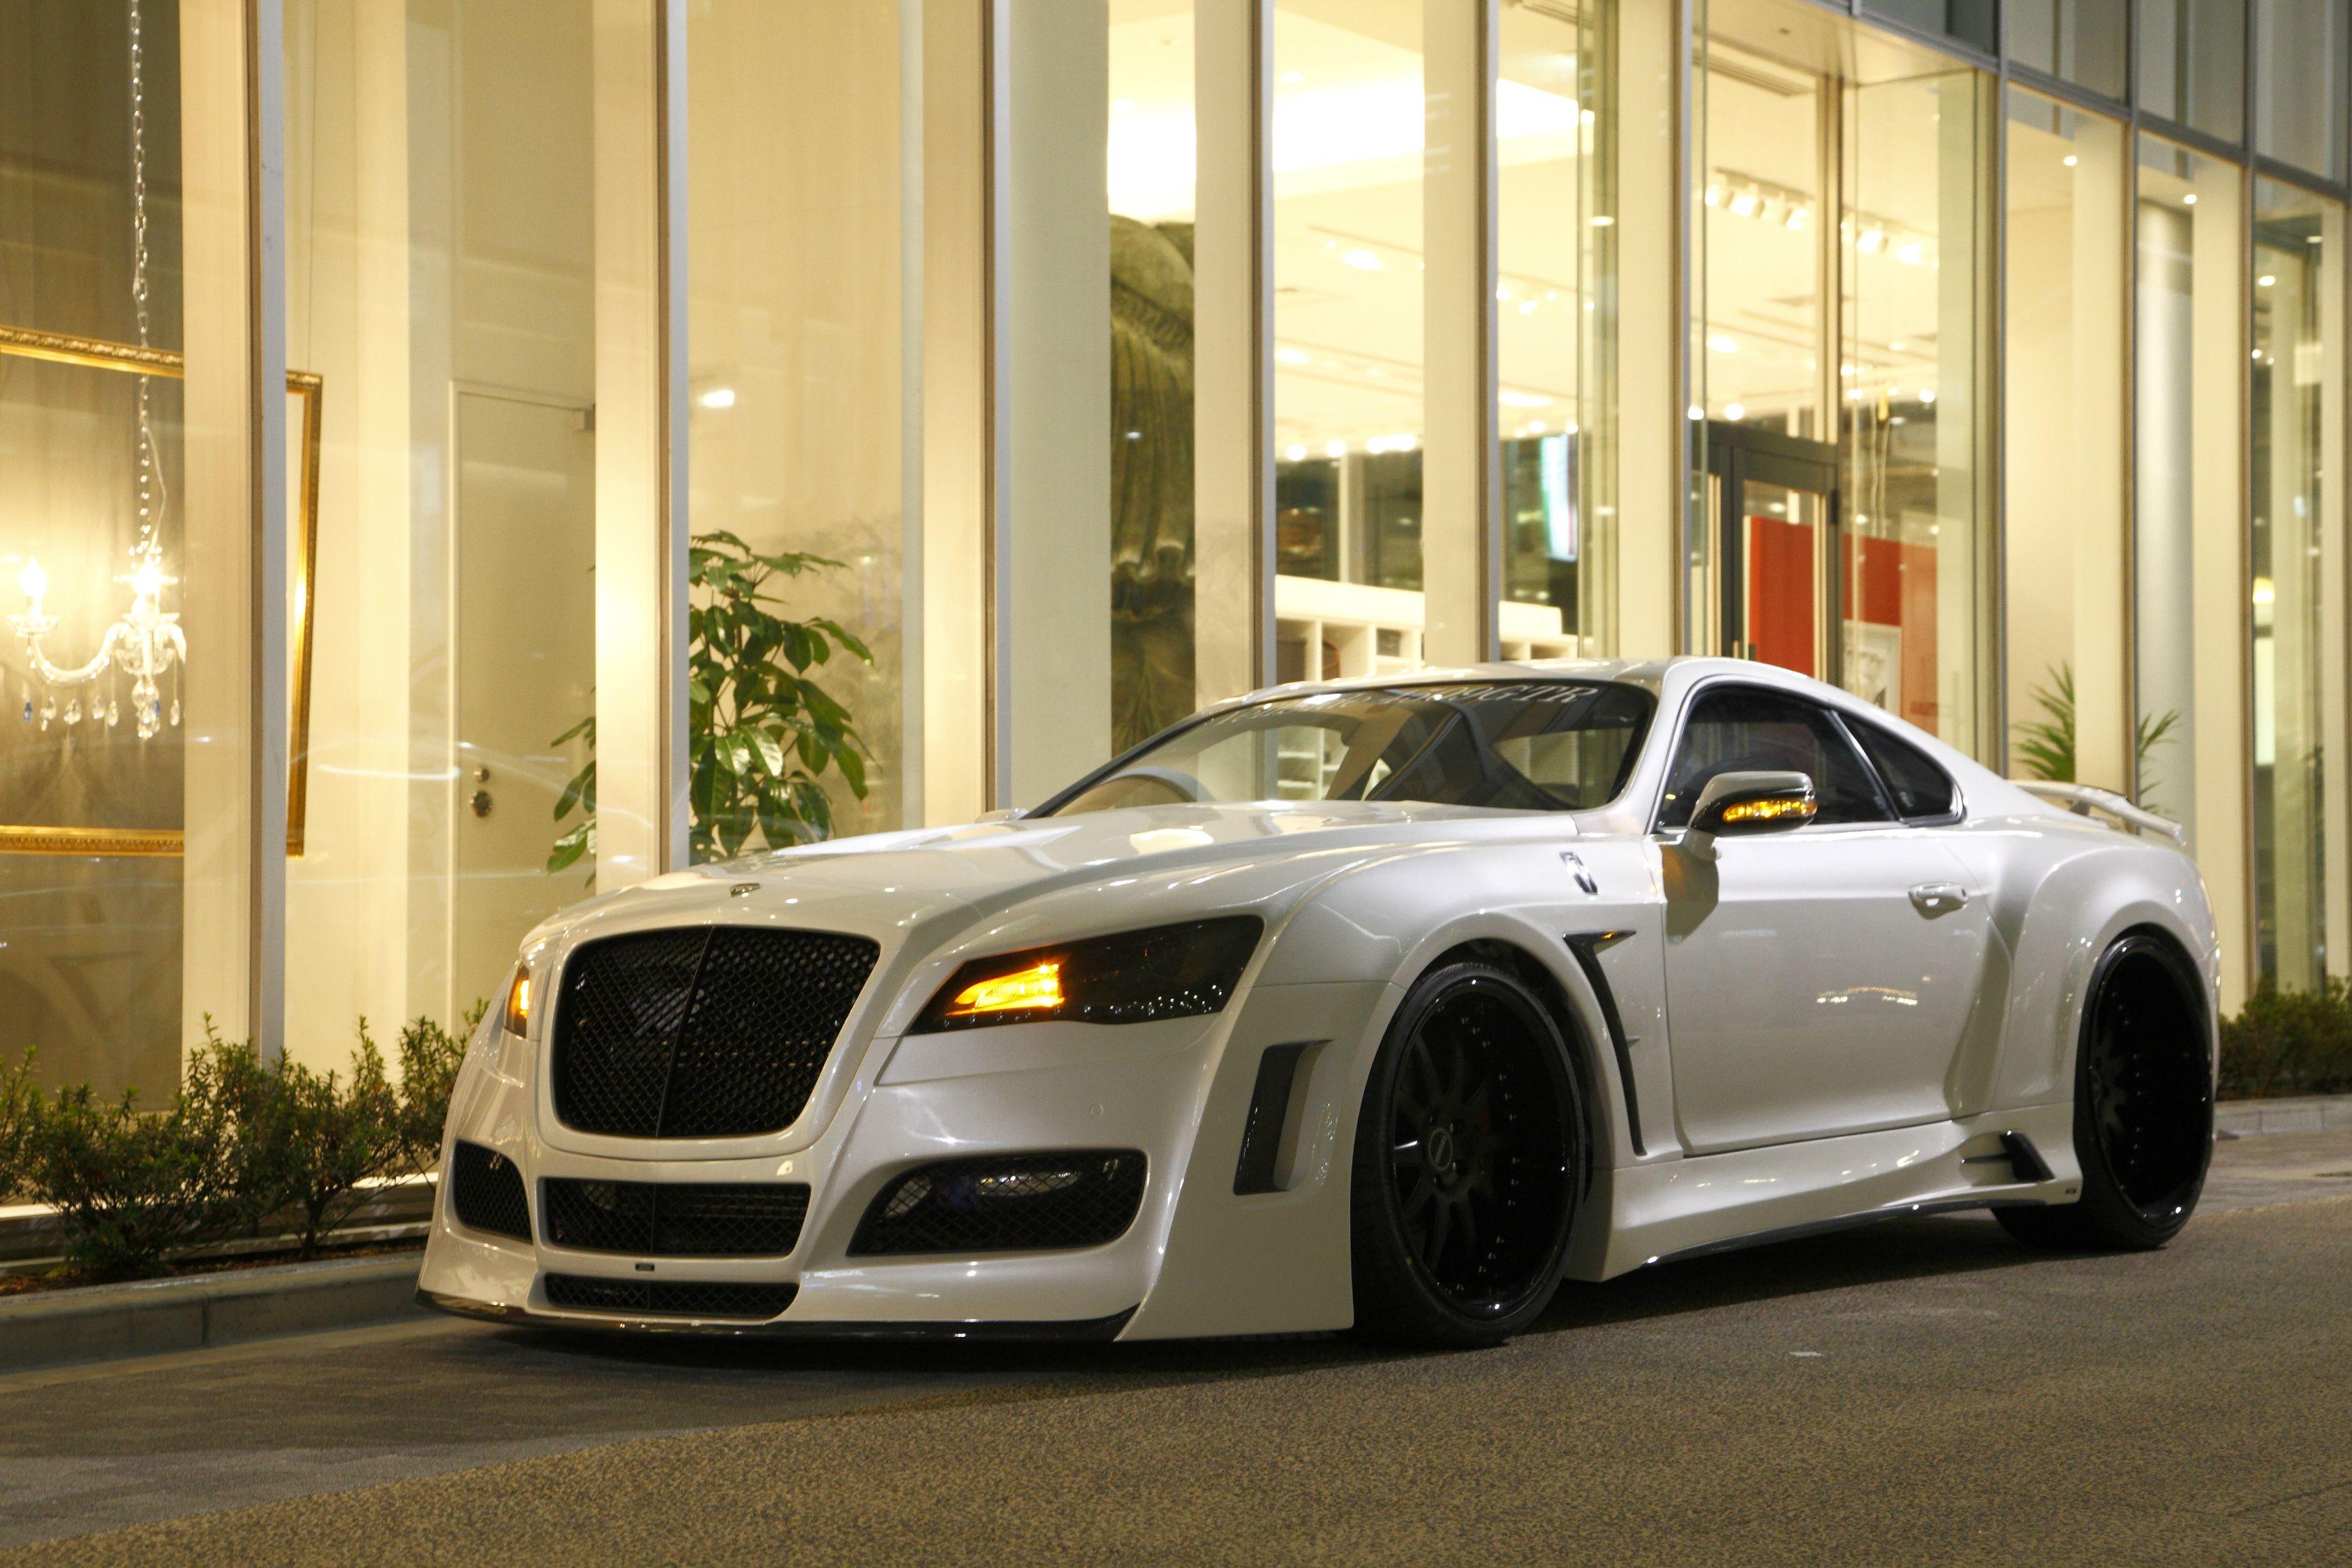 2011 VeilSide 4509 GTR